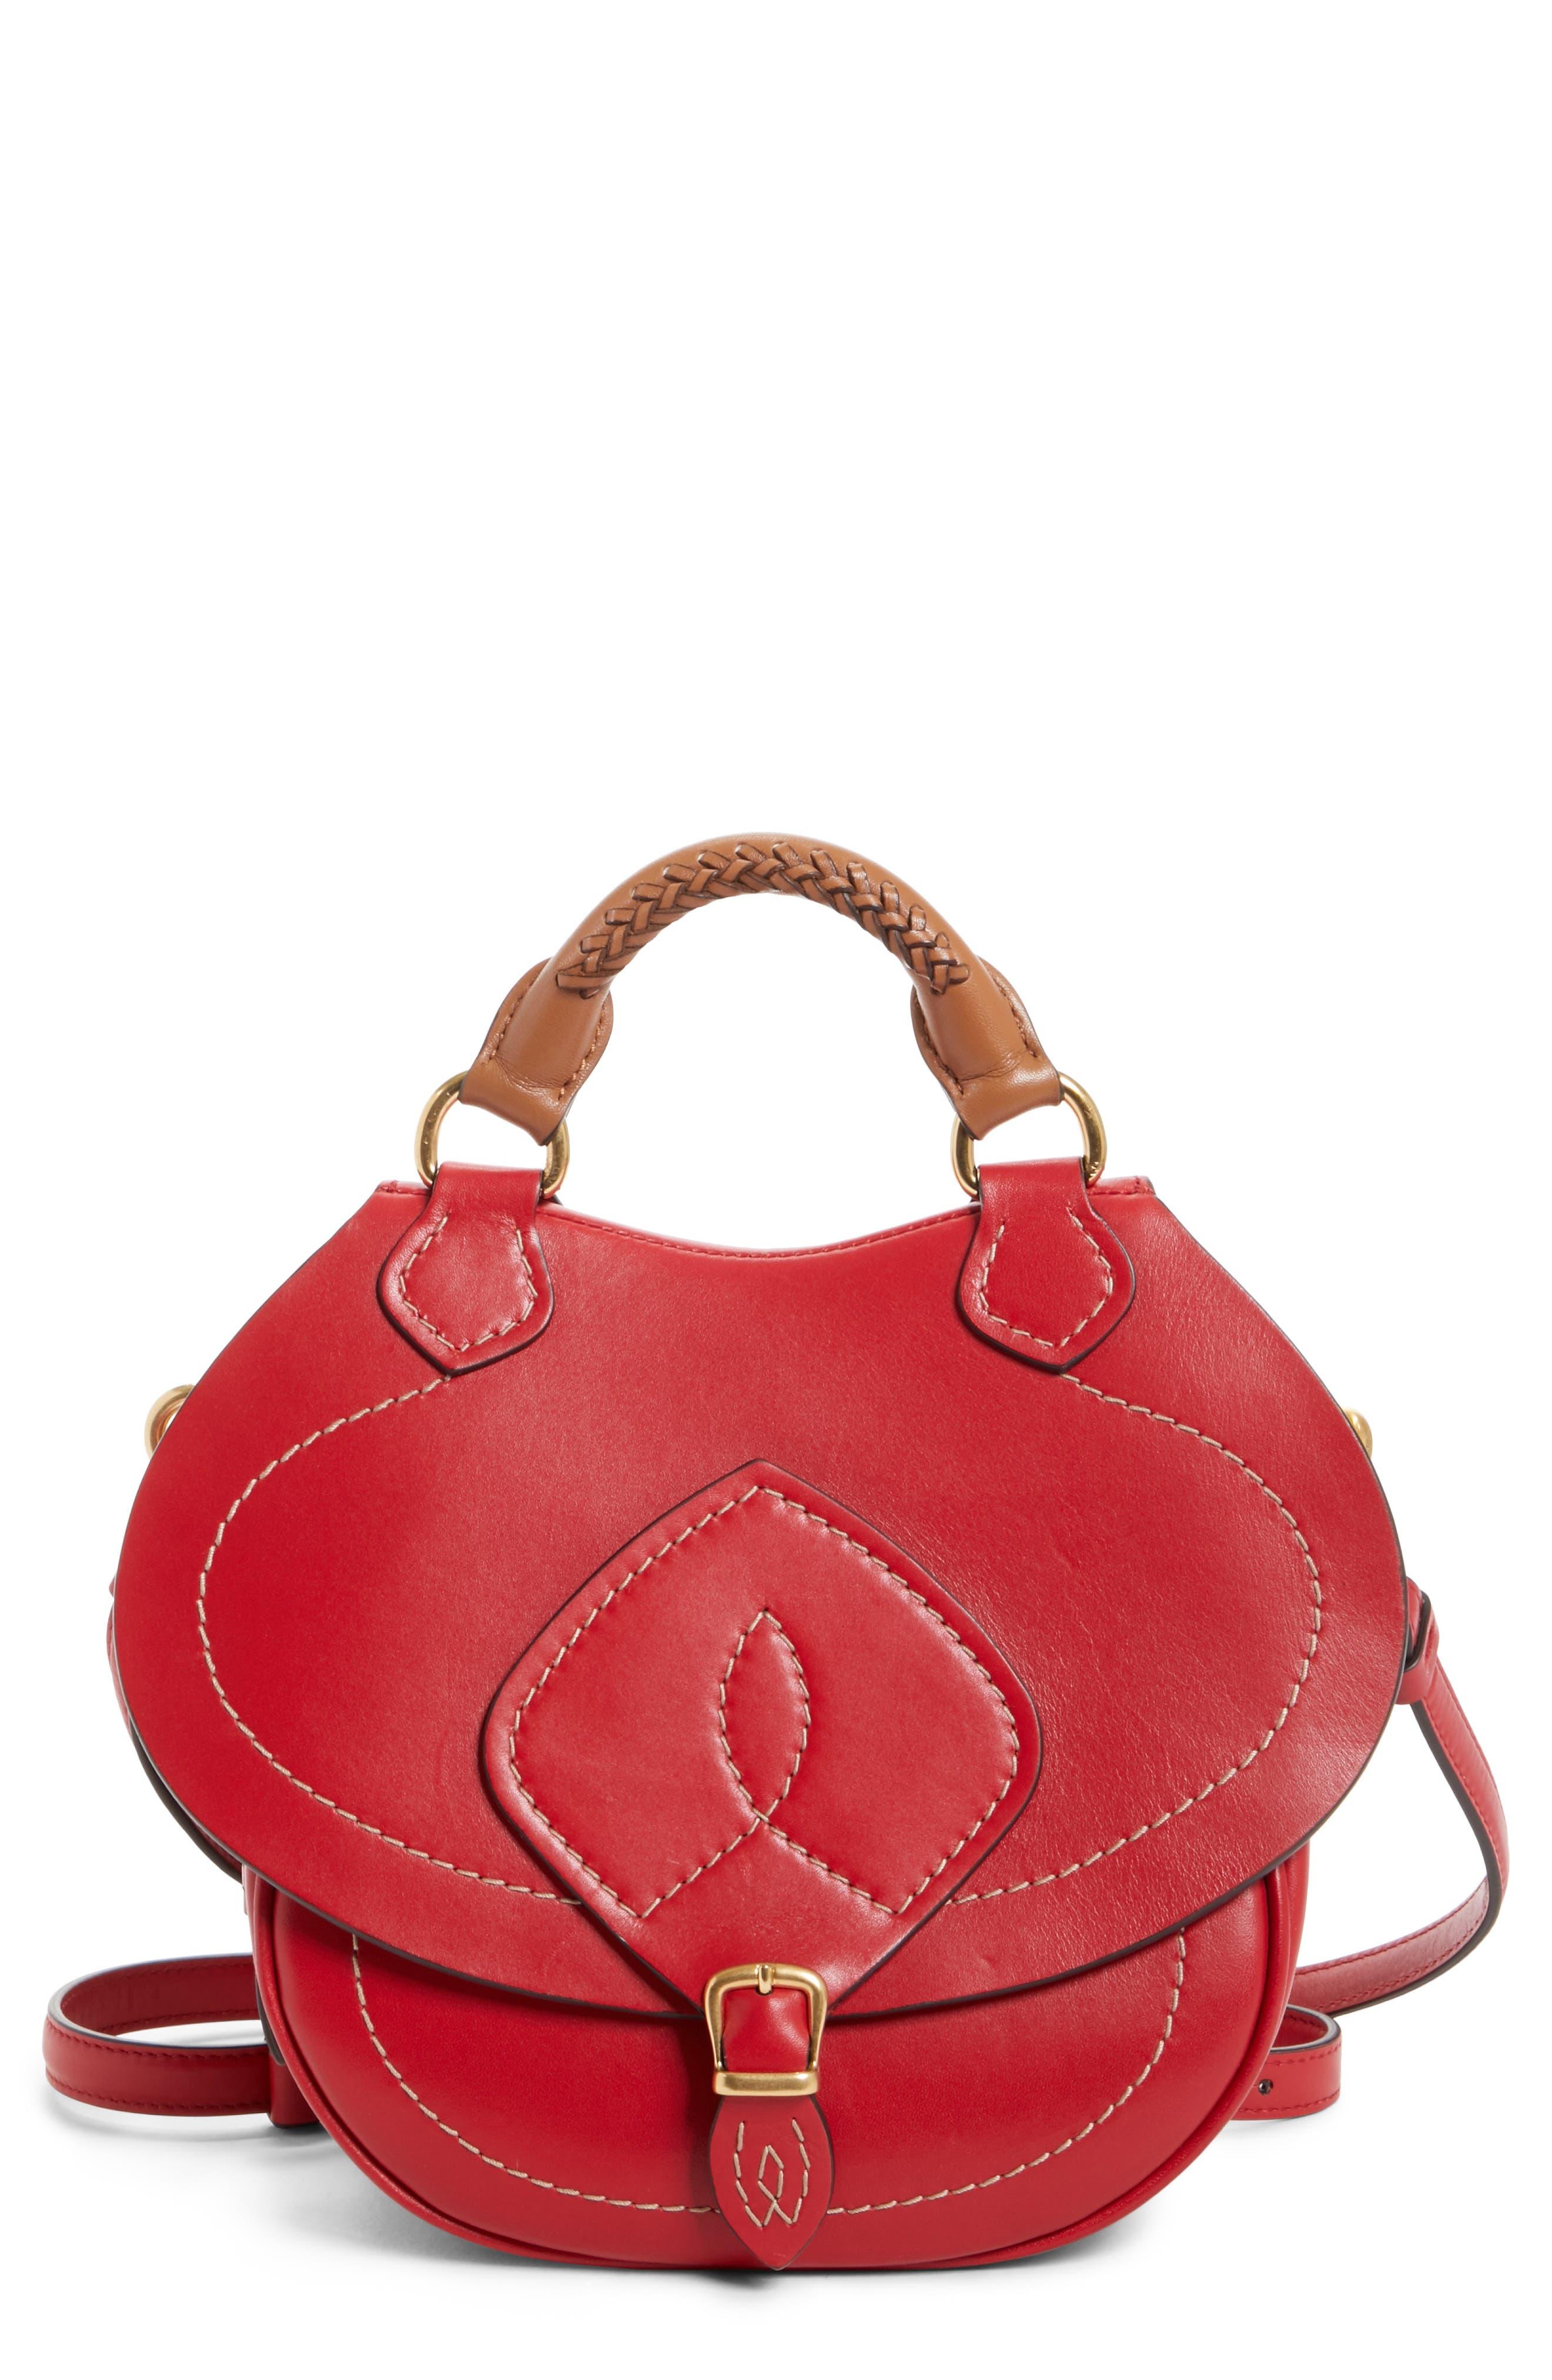 Small Bag-Slide Leather Shoulder Bag,                             Main thumbnail 1, color,                             Red